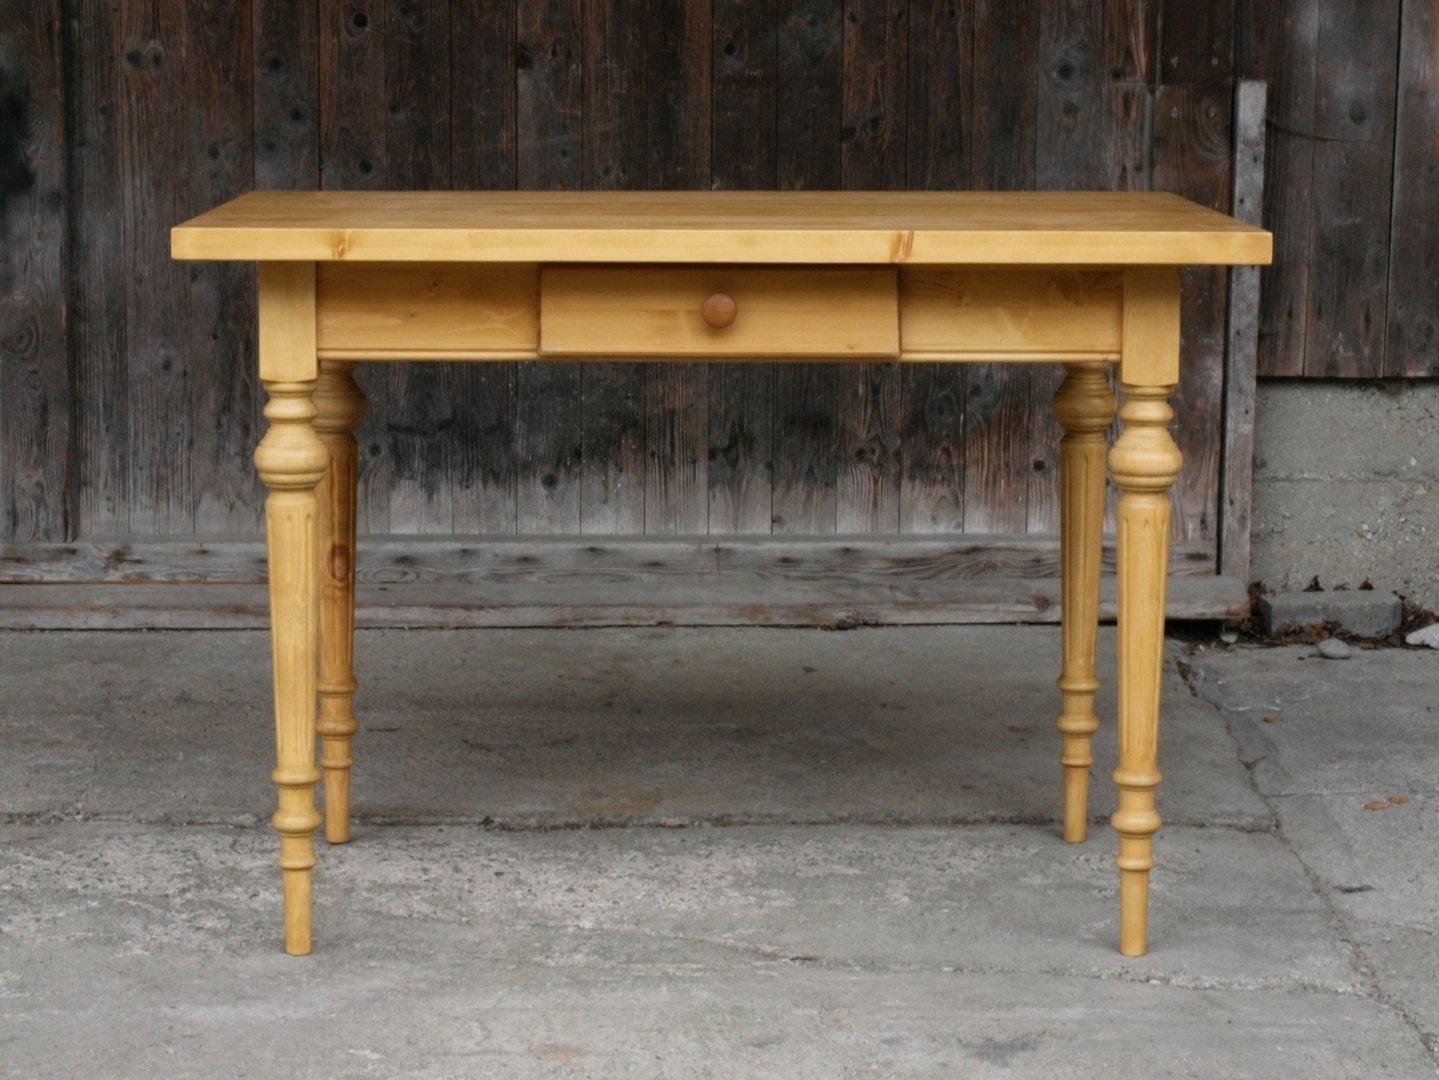 esstisch tisch massivholz fichte 120 x 80 cm mit gedrechselten beinen neuanfertigung antik. Black Bedroom Furniture Sets. Home Design Ideas